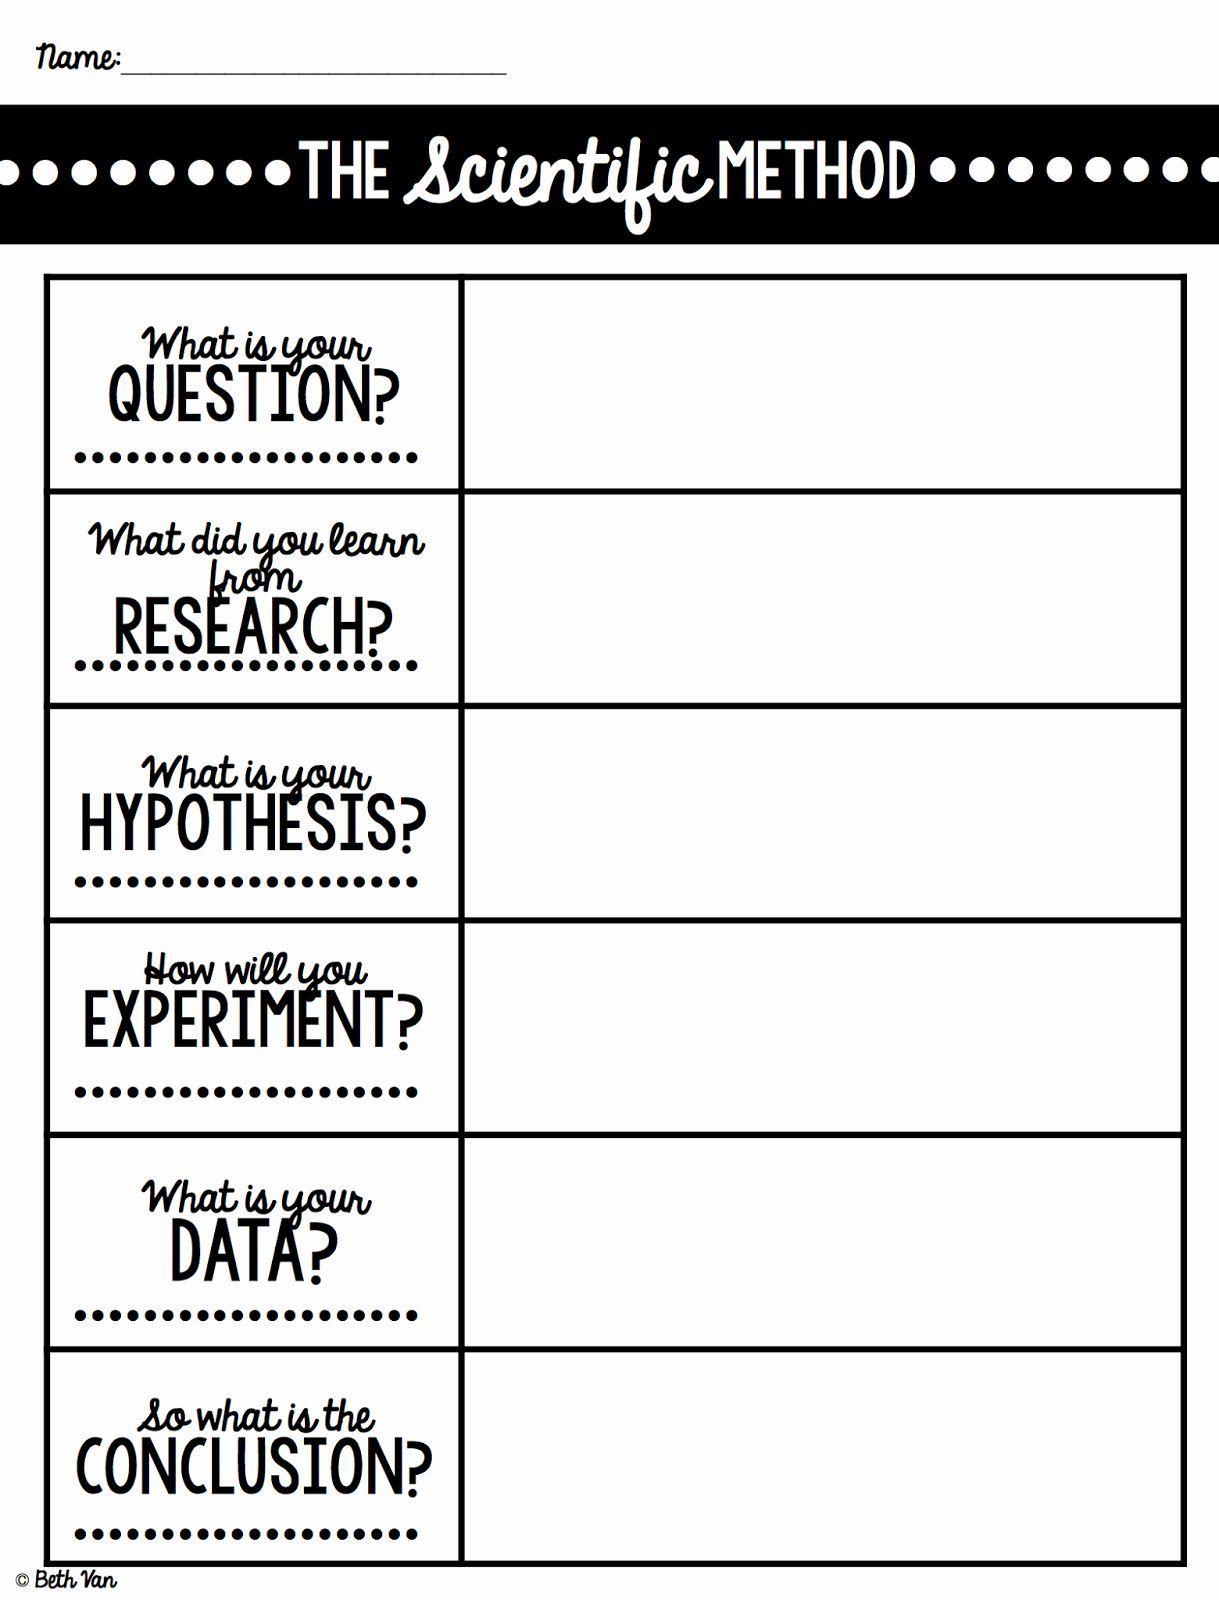 Scientific Method Steps Worksheet Beautiful Theteachyteacher Can You Walk In 2020 Scientific Method Worksheet Free Scientific Method Worksheet Scientific Method Steps